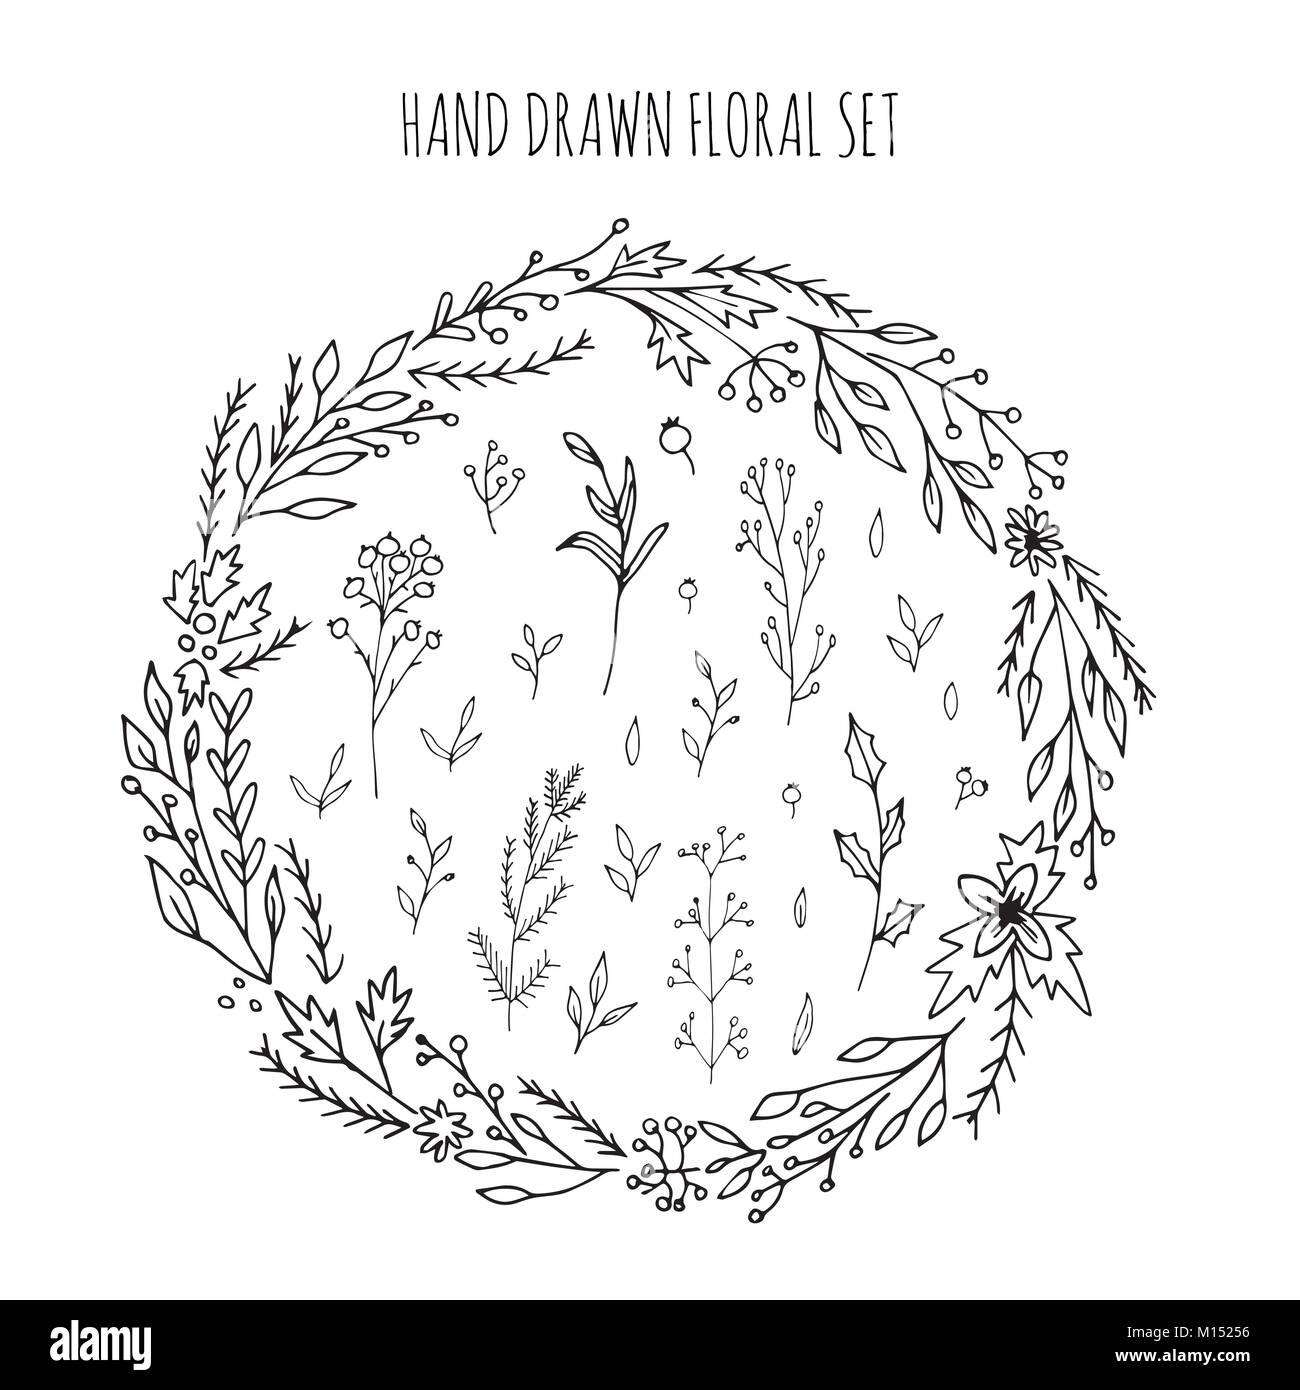 Wunderbar Sammlung Von Hand Gezeichnet Vektor Blüten Und Zweige Mit Blättern, Blüten  Und Beeren. Moderne Skizze Sammlung. Dekorative Elemente Für Design. Tinte,  Vin